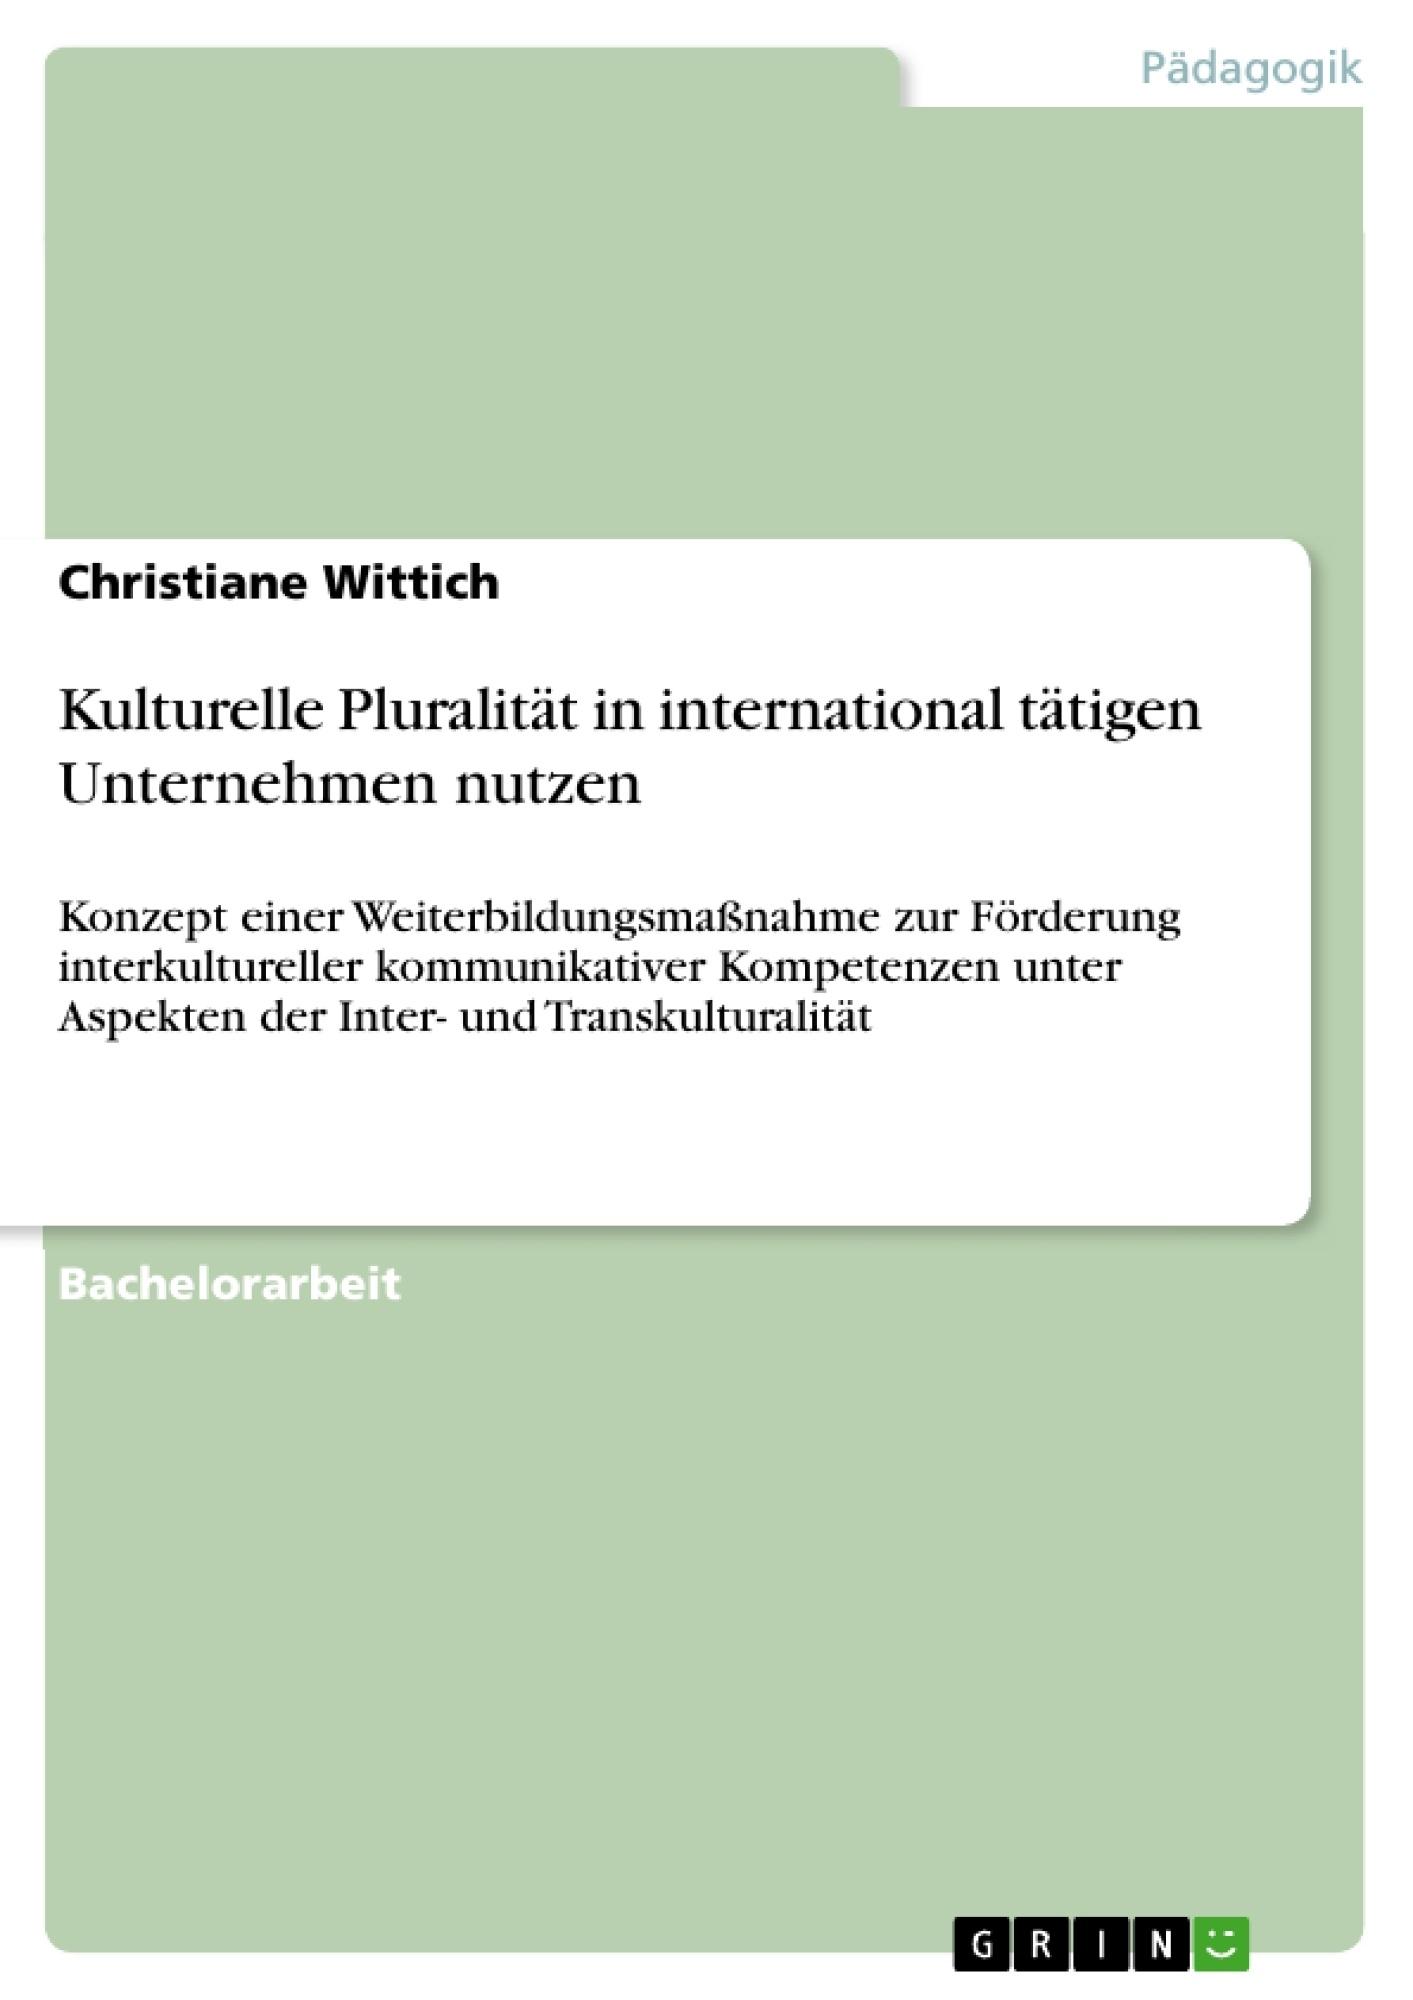 Titel: Kulturelle Pluralität in international tätigen Unternehmen nutzen